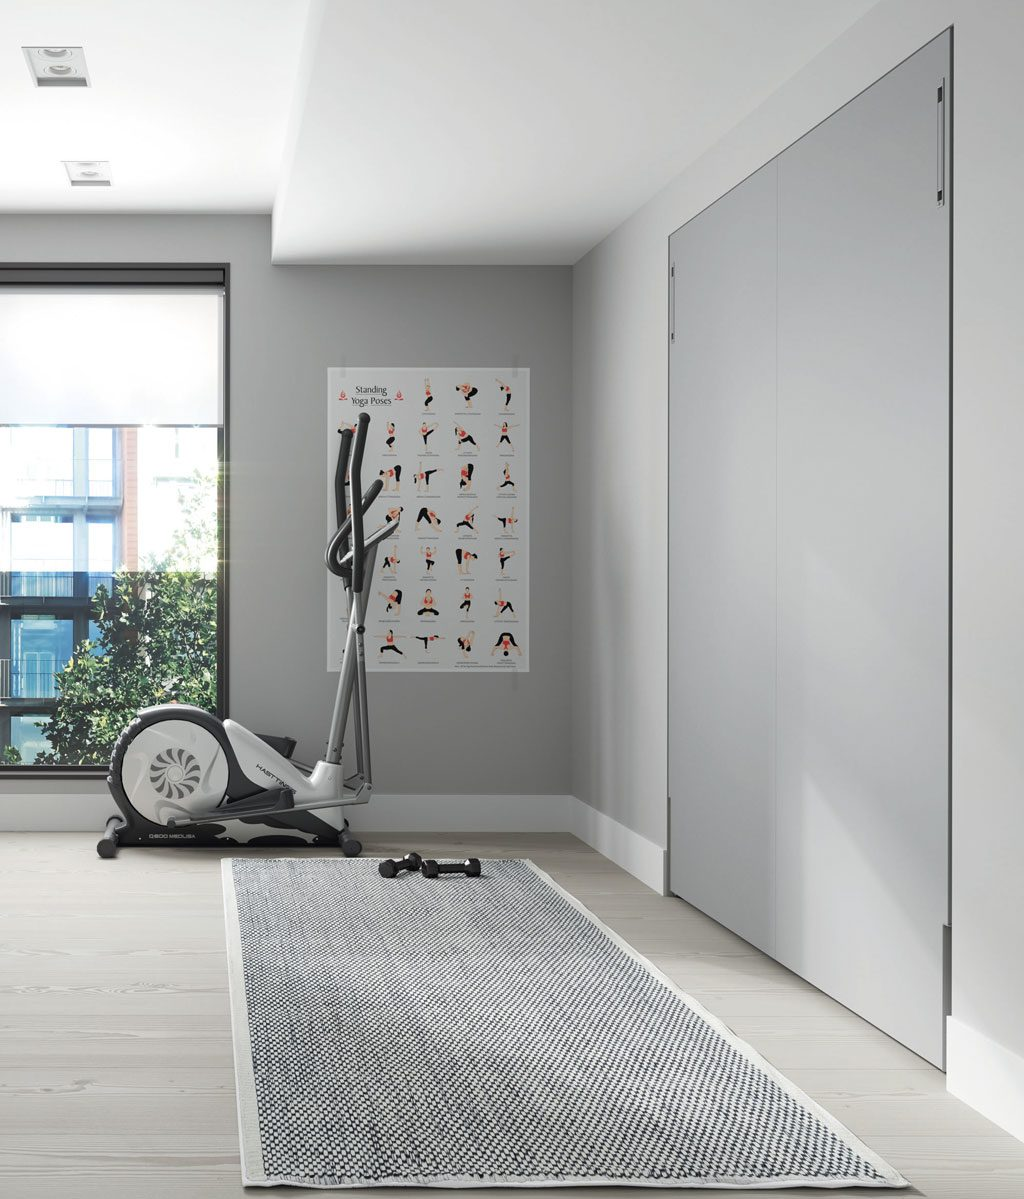 Cama abatible vertical de 190x150 cm cerrada empotrada en la pared